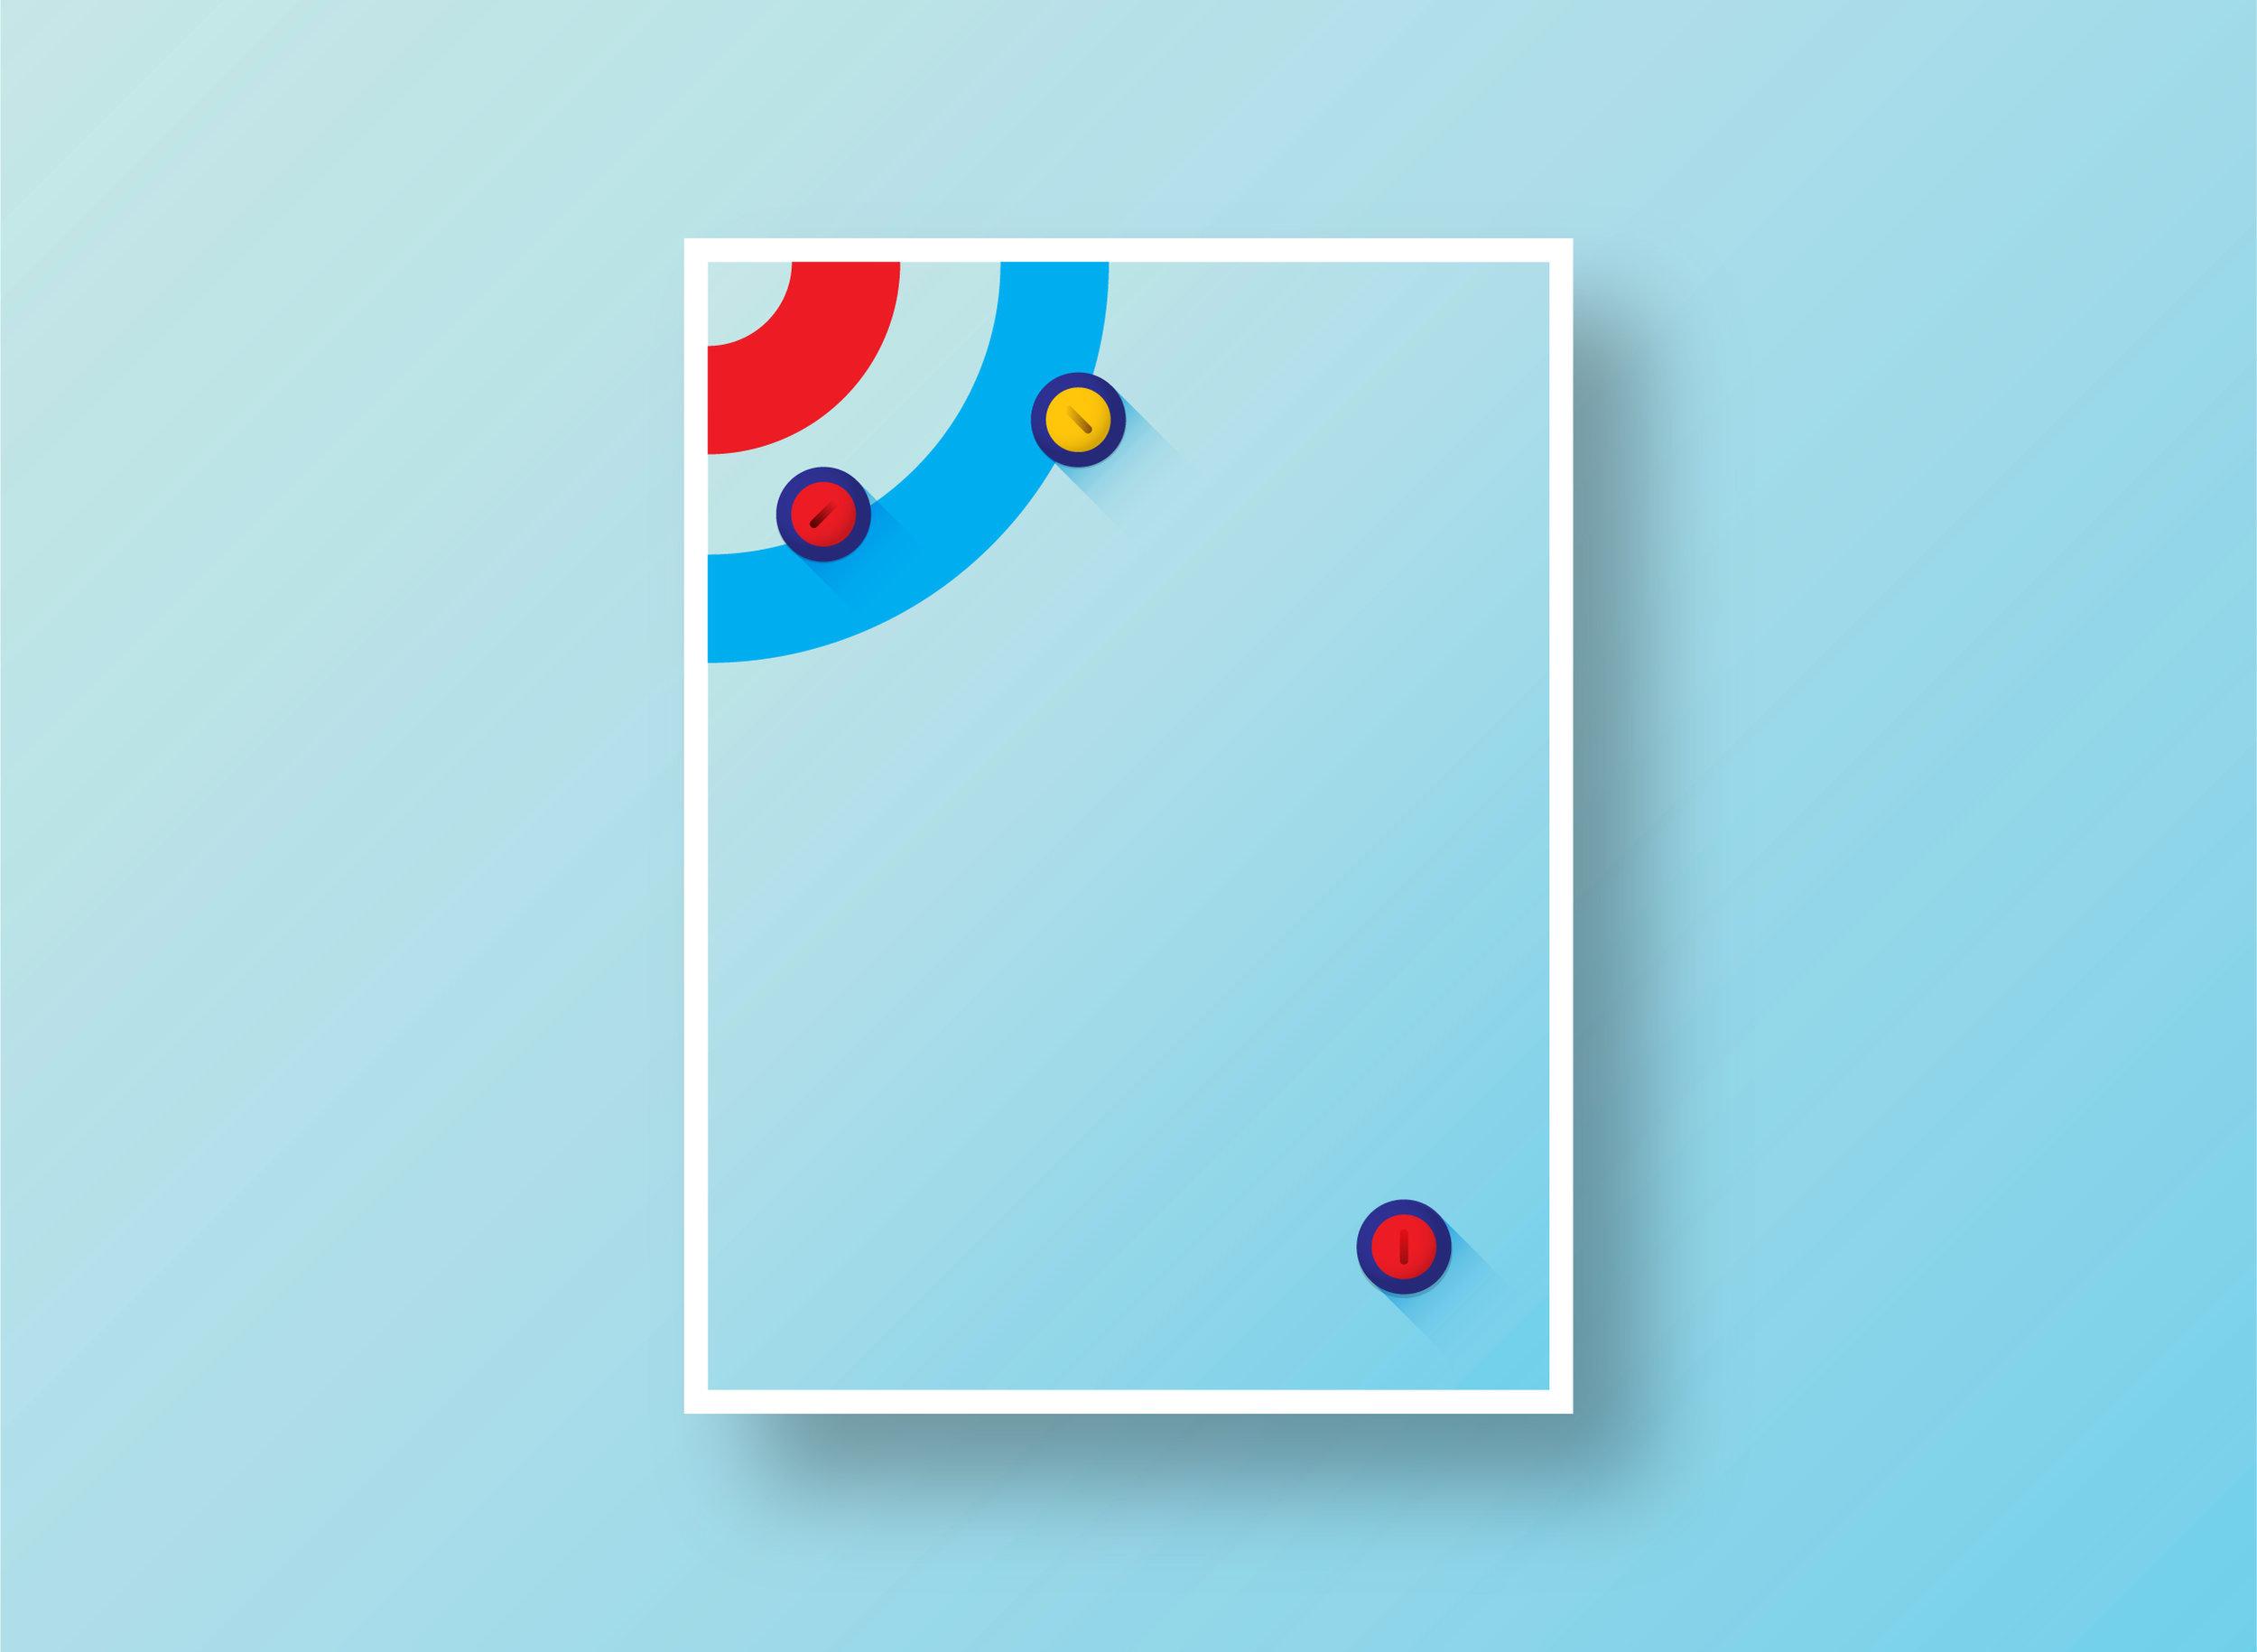 curling-100.jpg